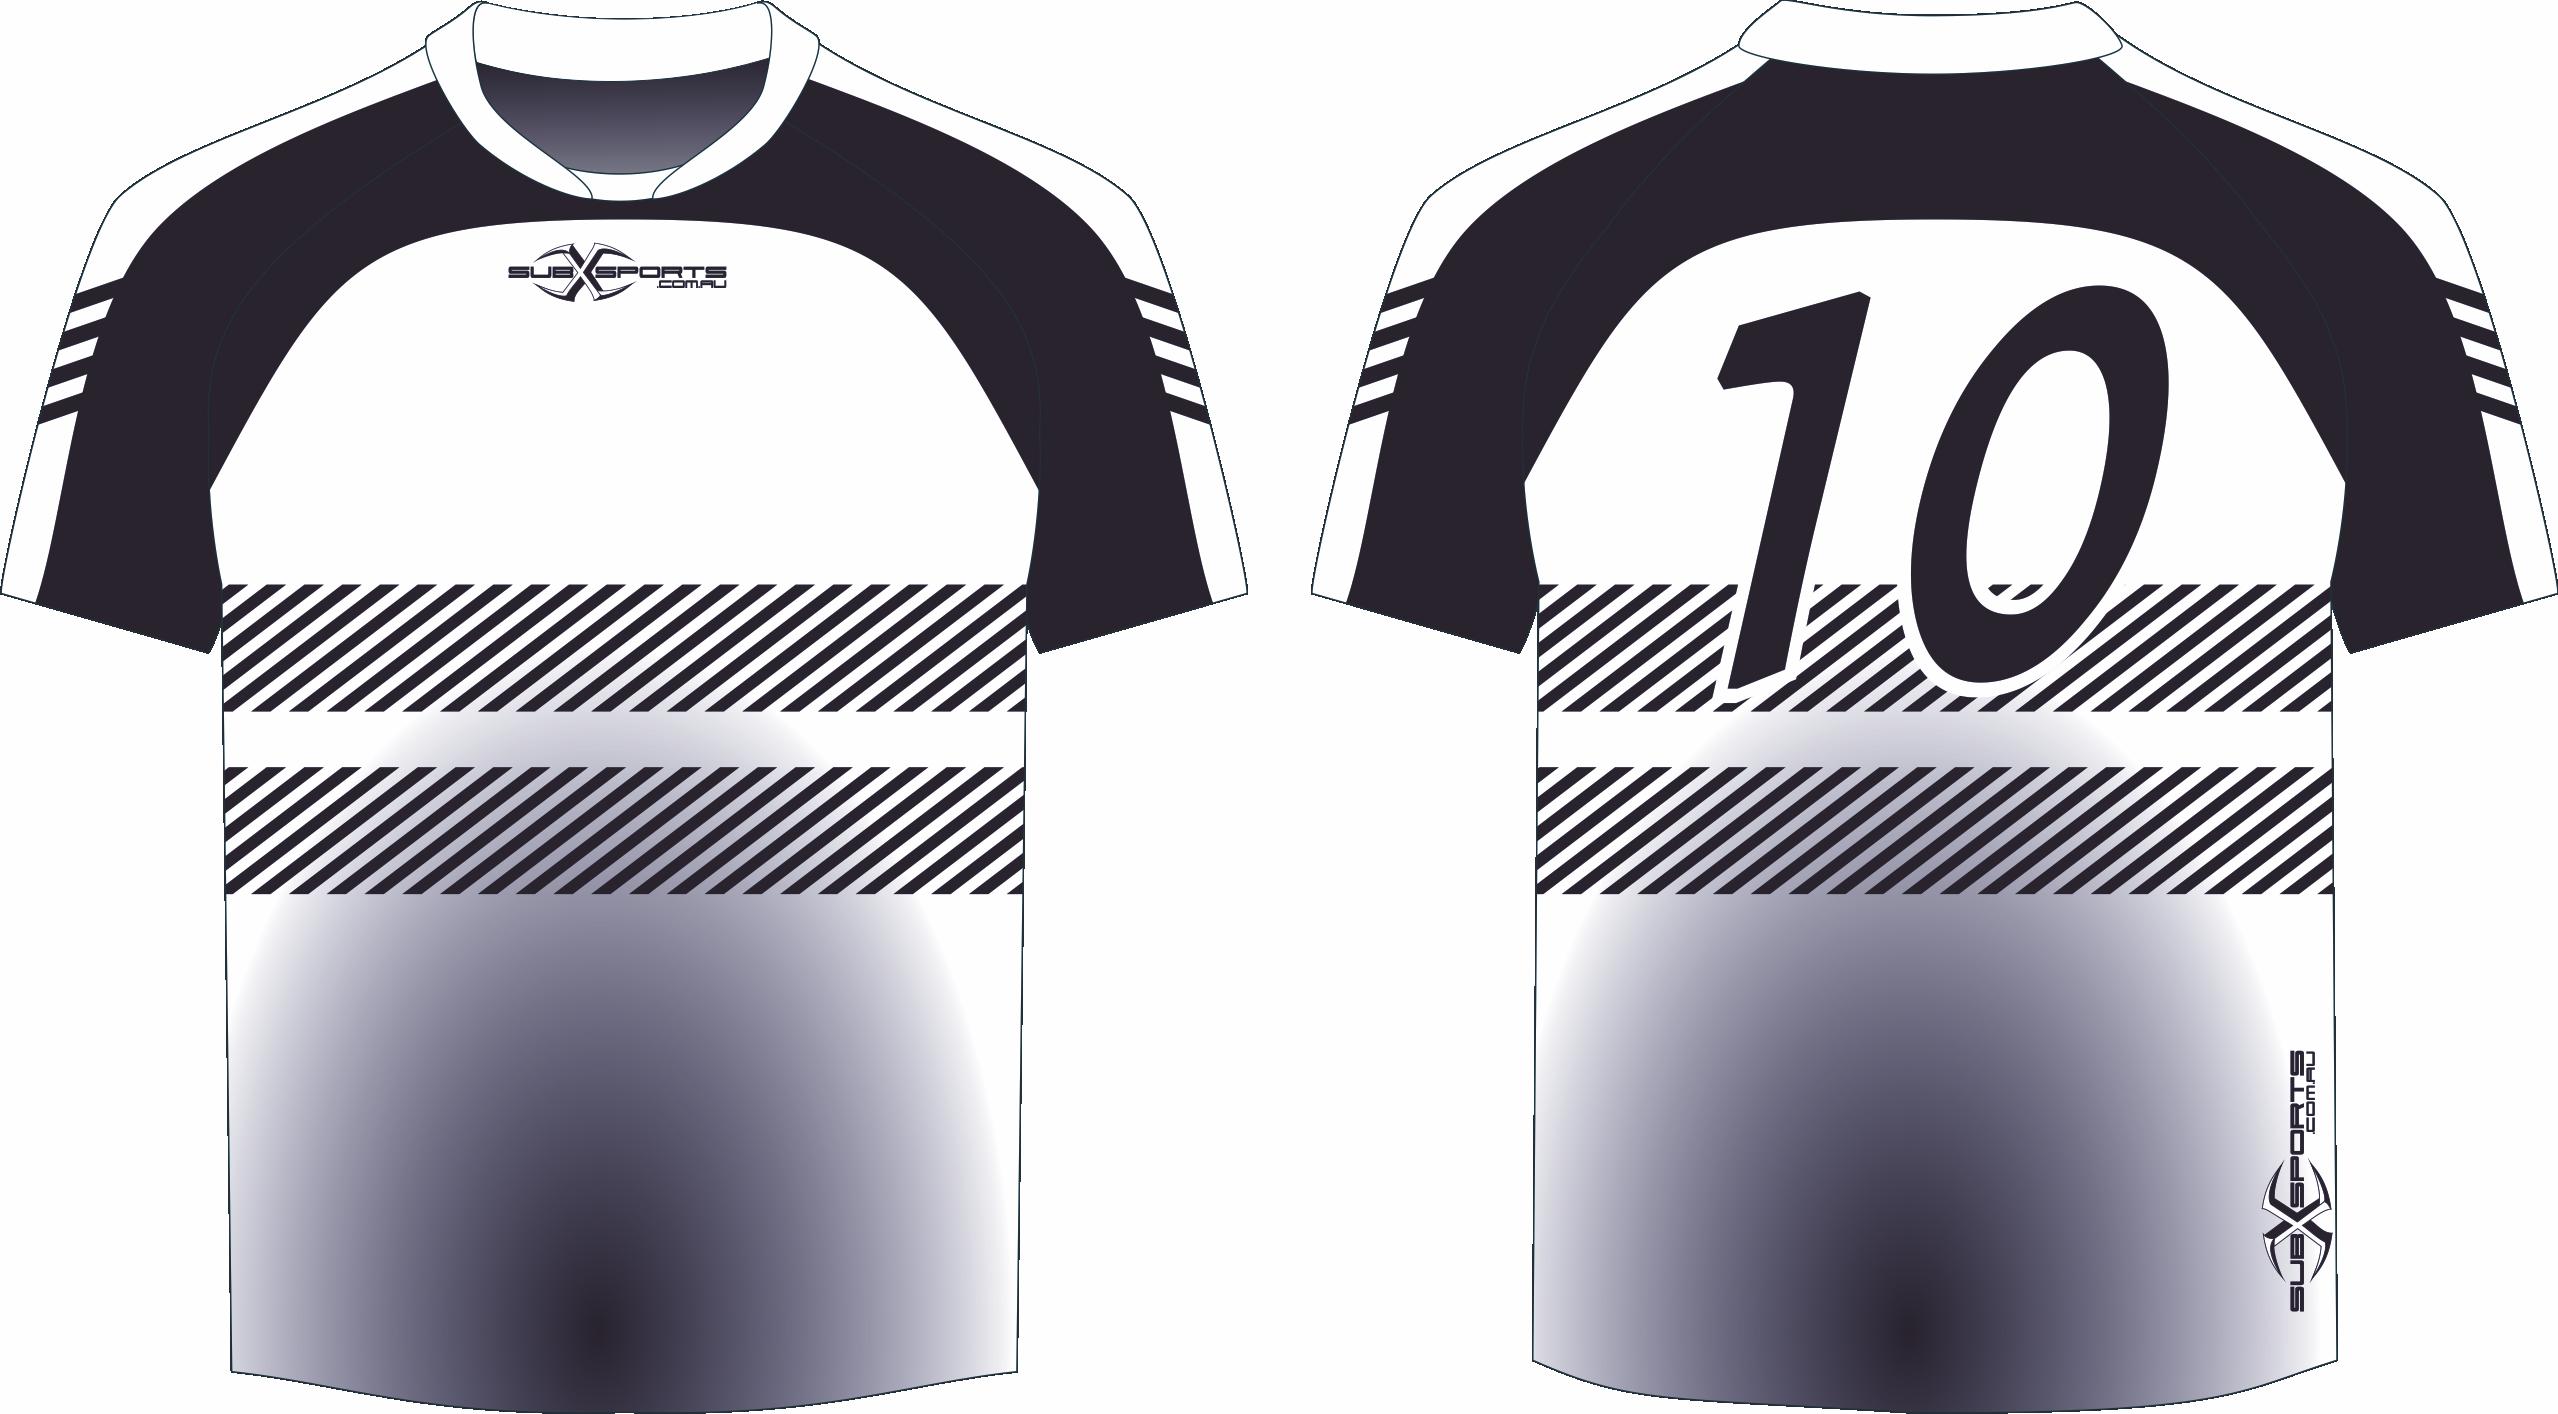 X305XJ White Black.png